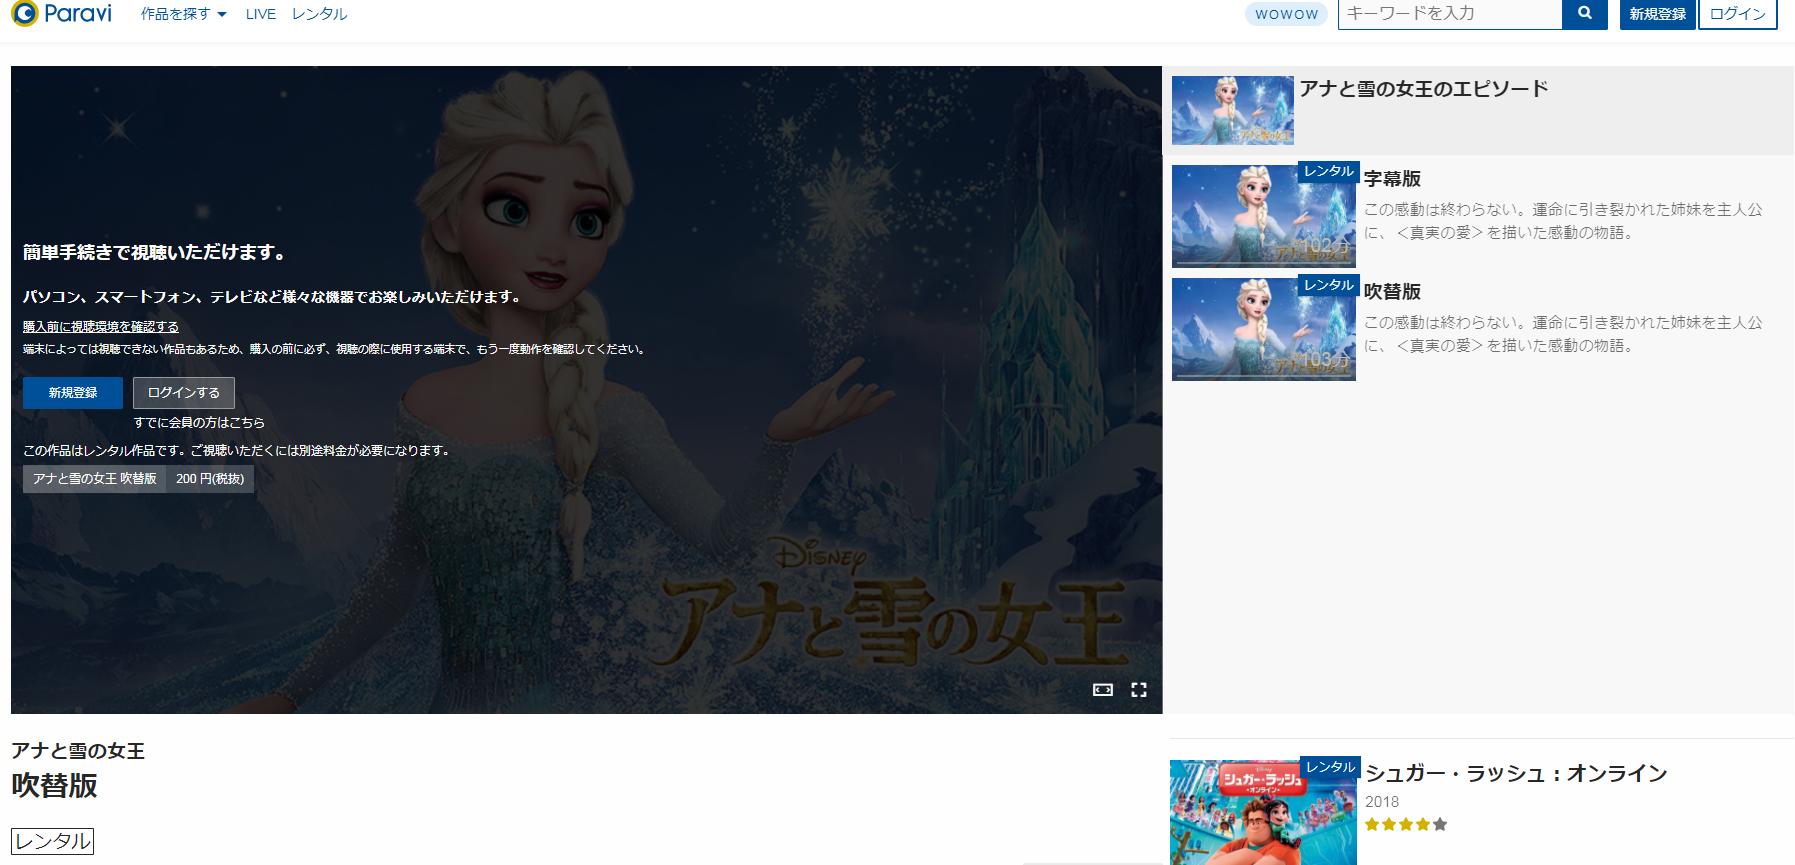 2019.11.15金曜ロードshowアナと雪の女王画像3 paravi